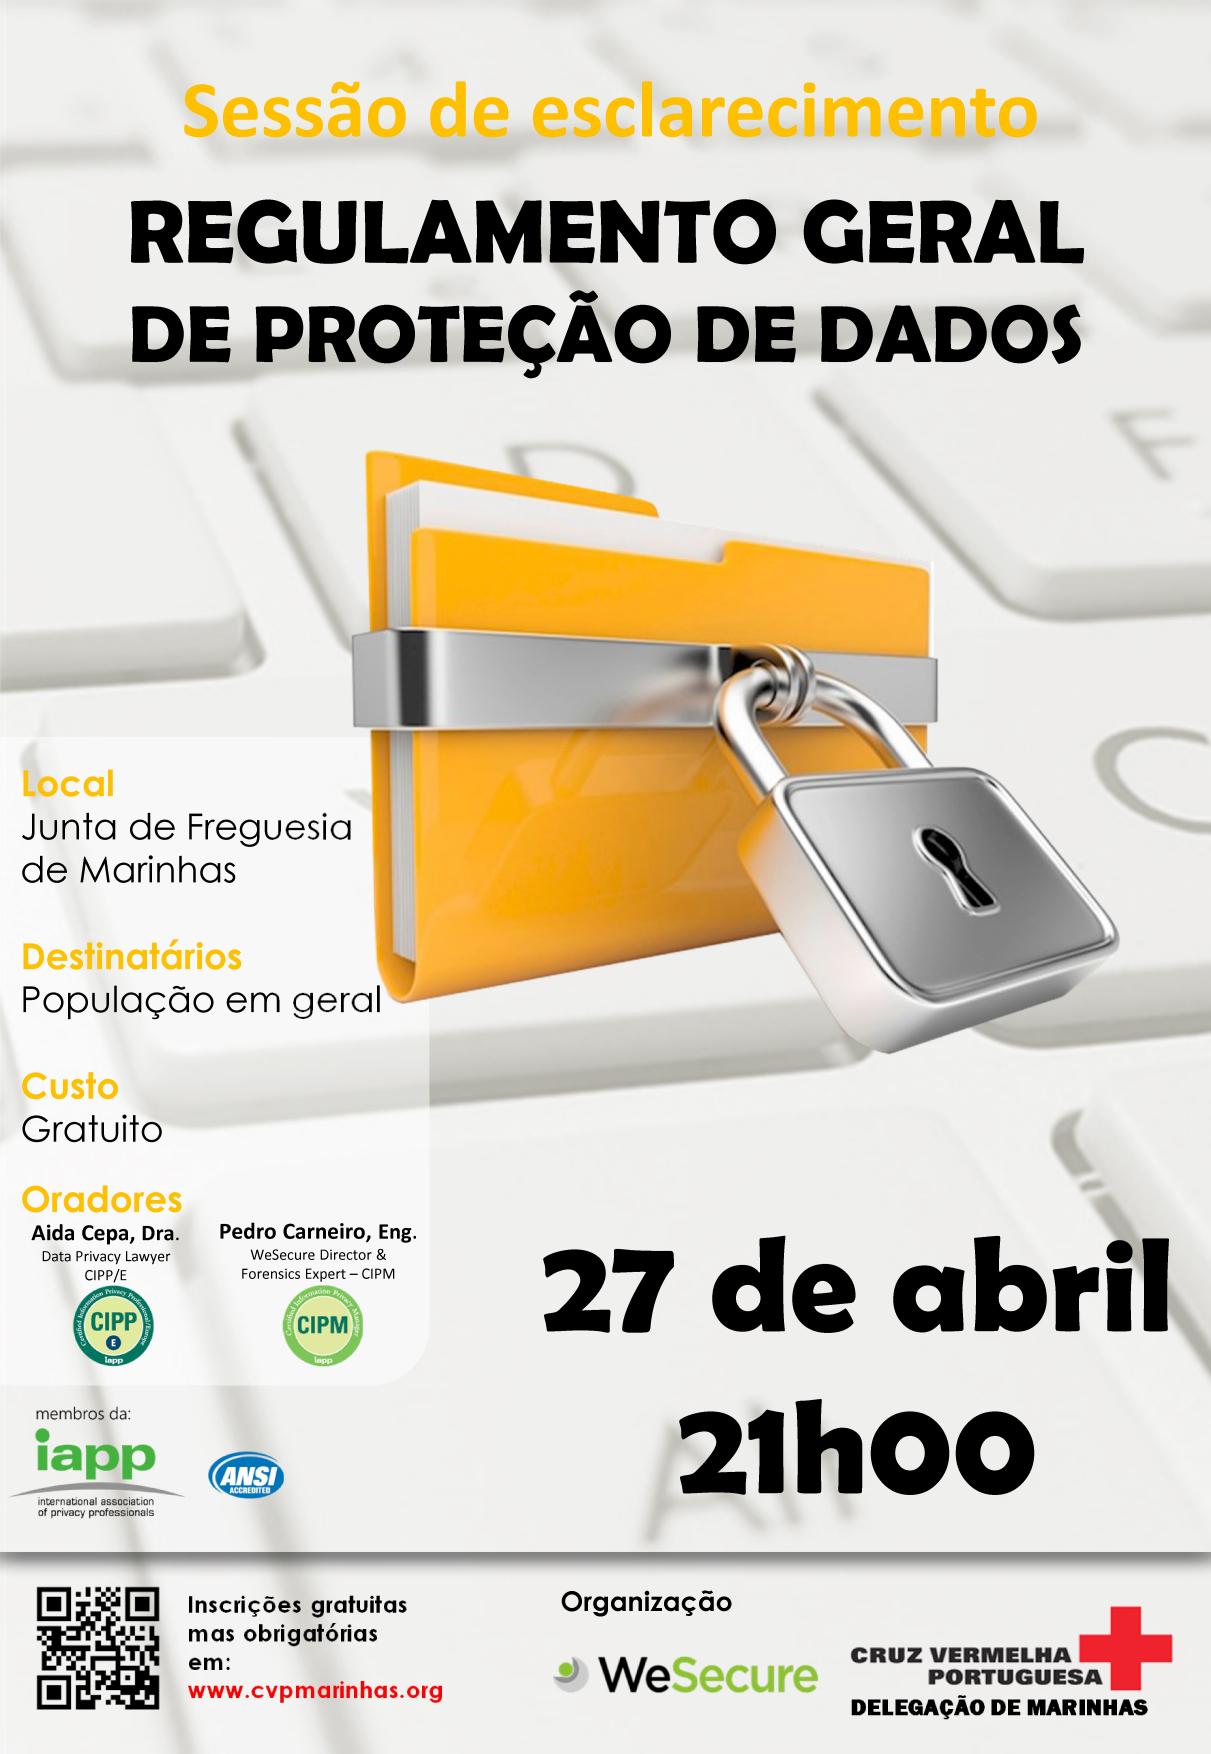 SEMINÁRIO sobre REGULAMENTO GERAL PROTEÇÃO DADOS (RGPD)